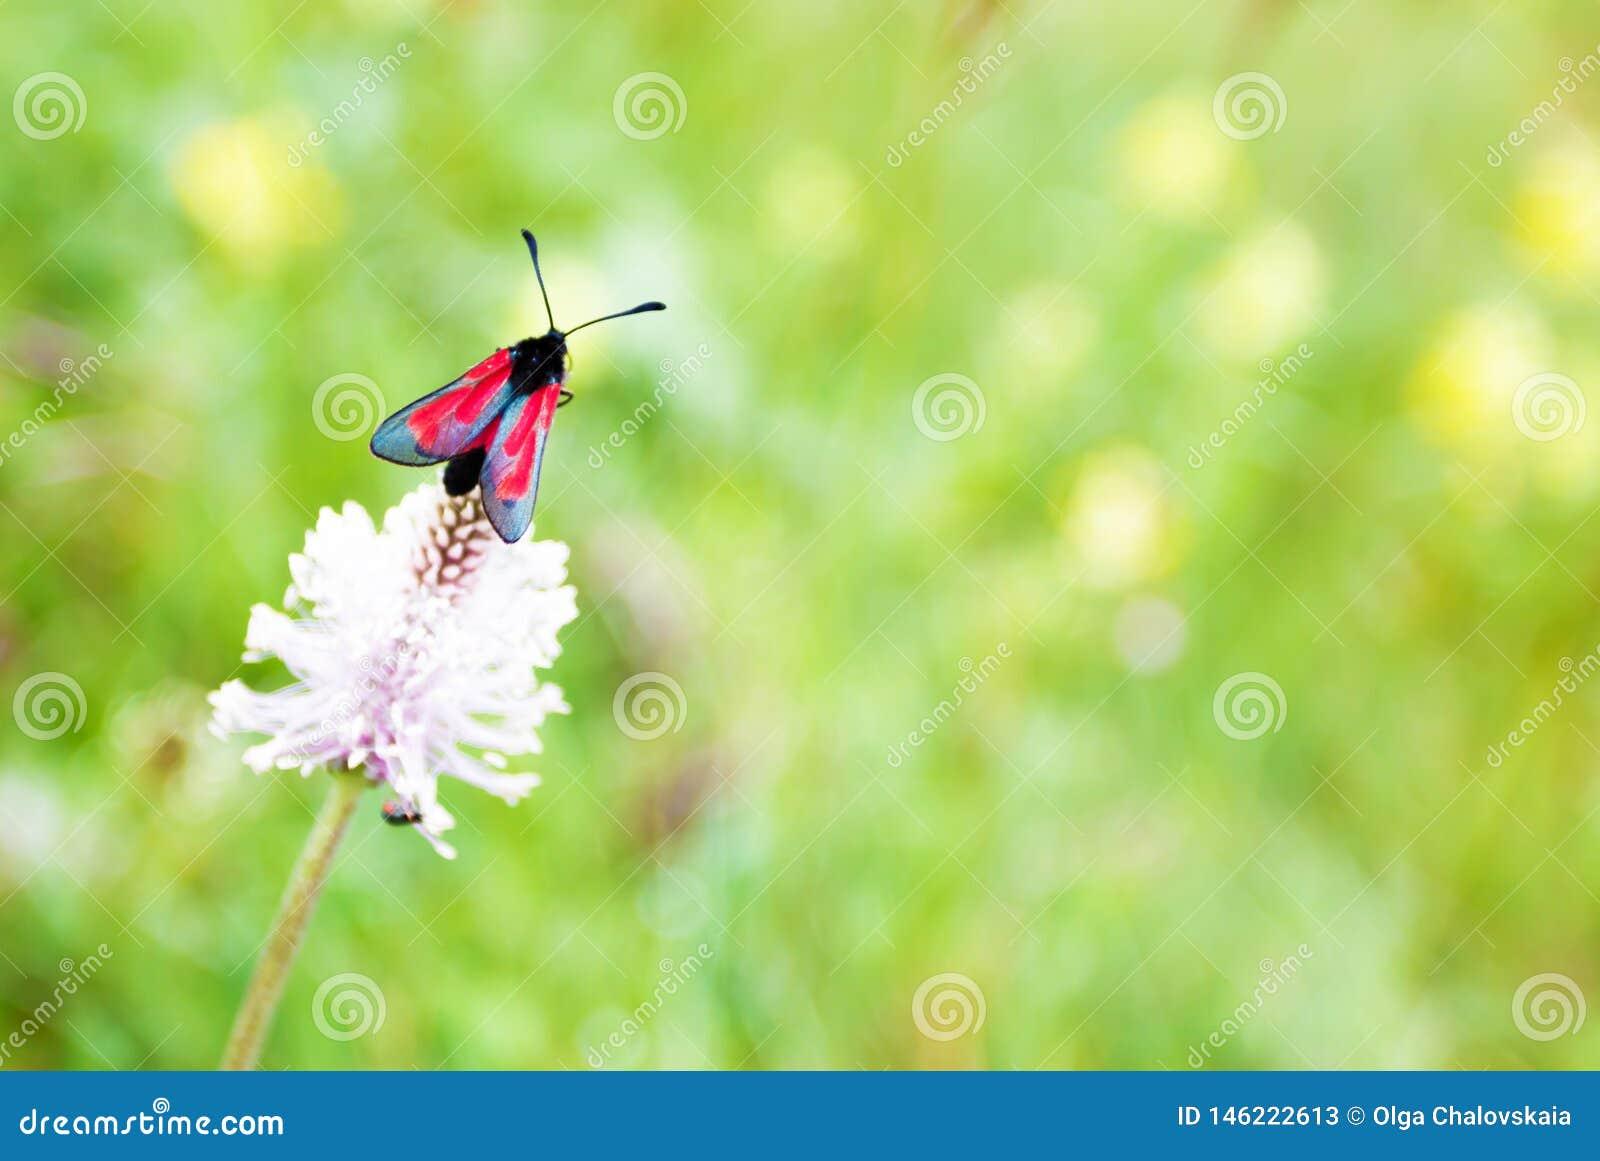 Papillon rouge sur le trèfle, macro photo